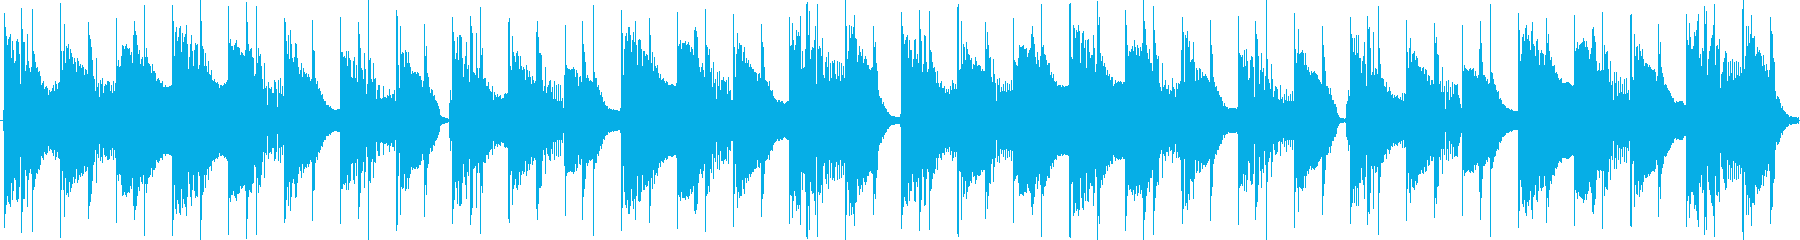 カチカチ音のZap系ディスコループの再生済みの波形